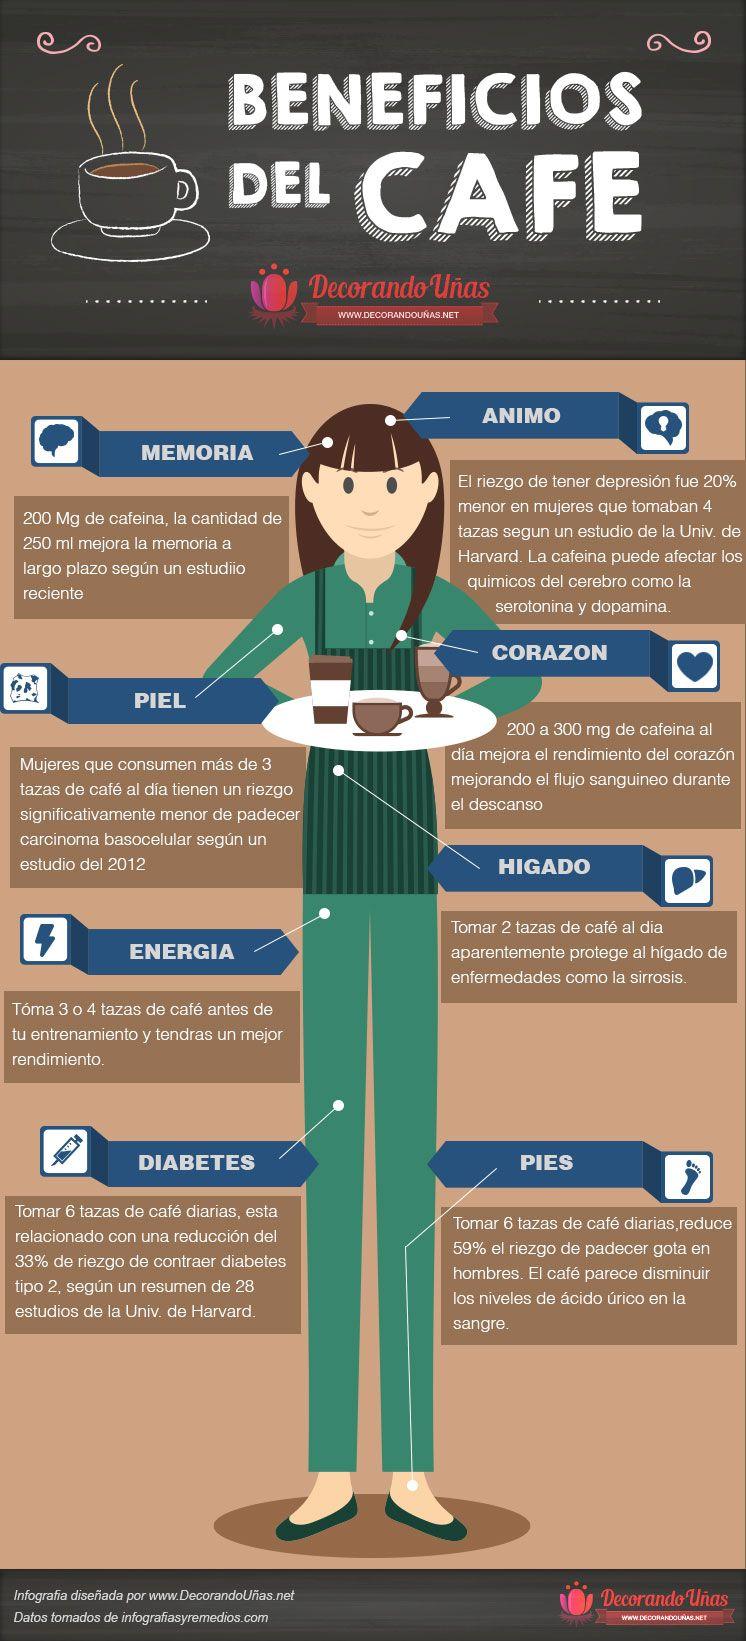 saludable de pies a cabeza con diabetes